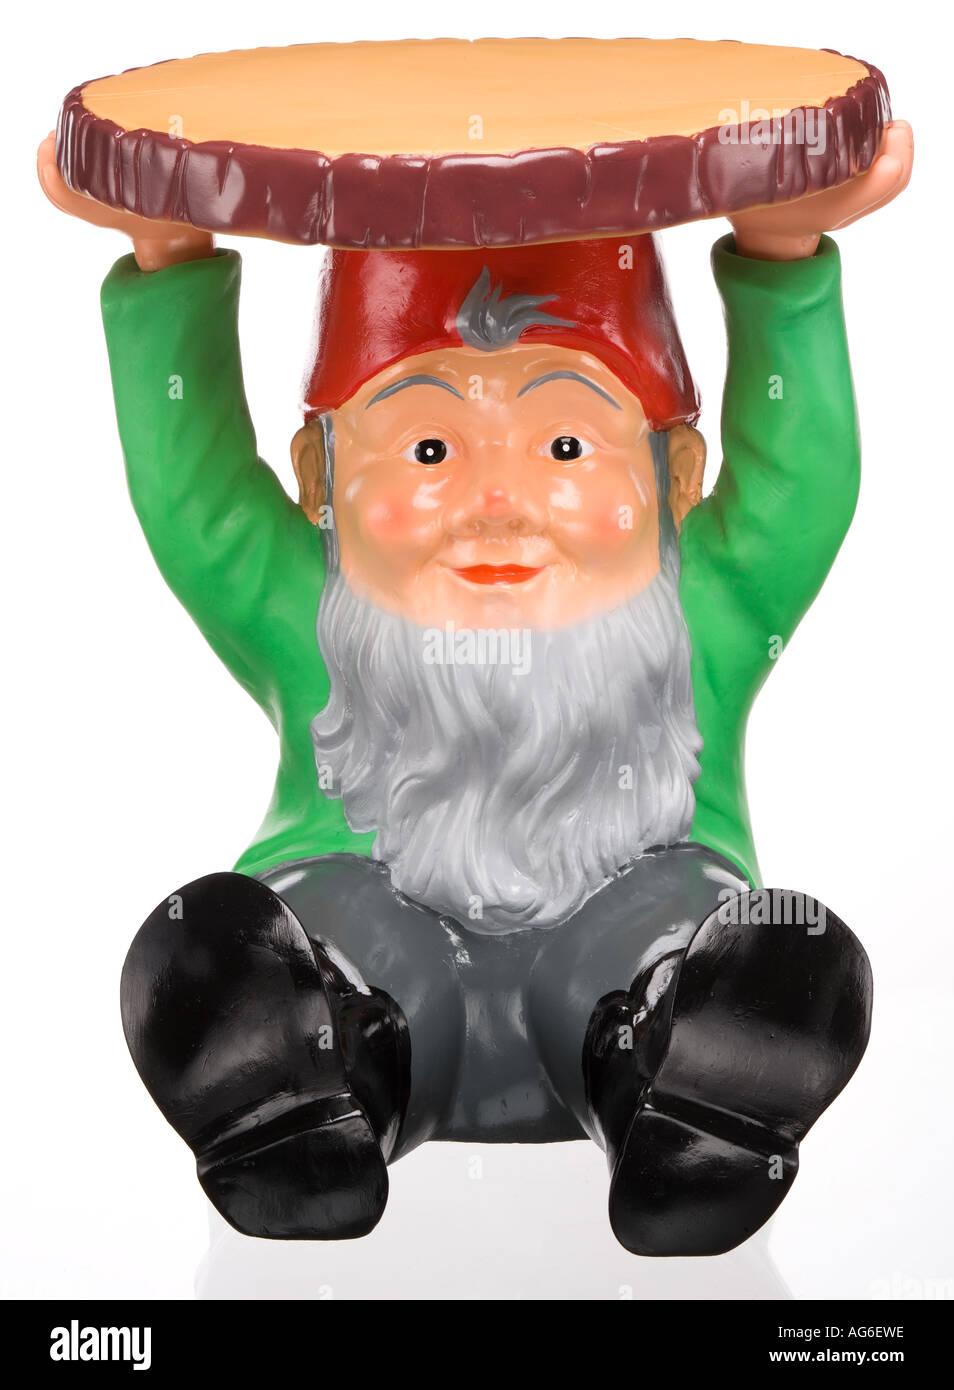 Garden Gnome Table